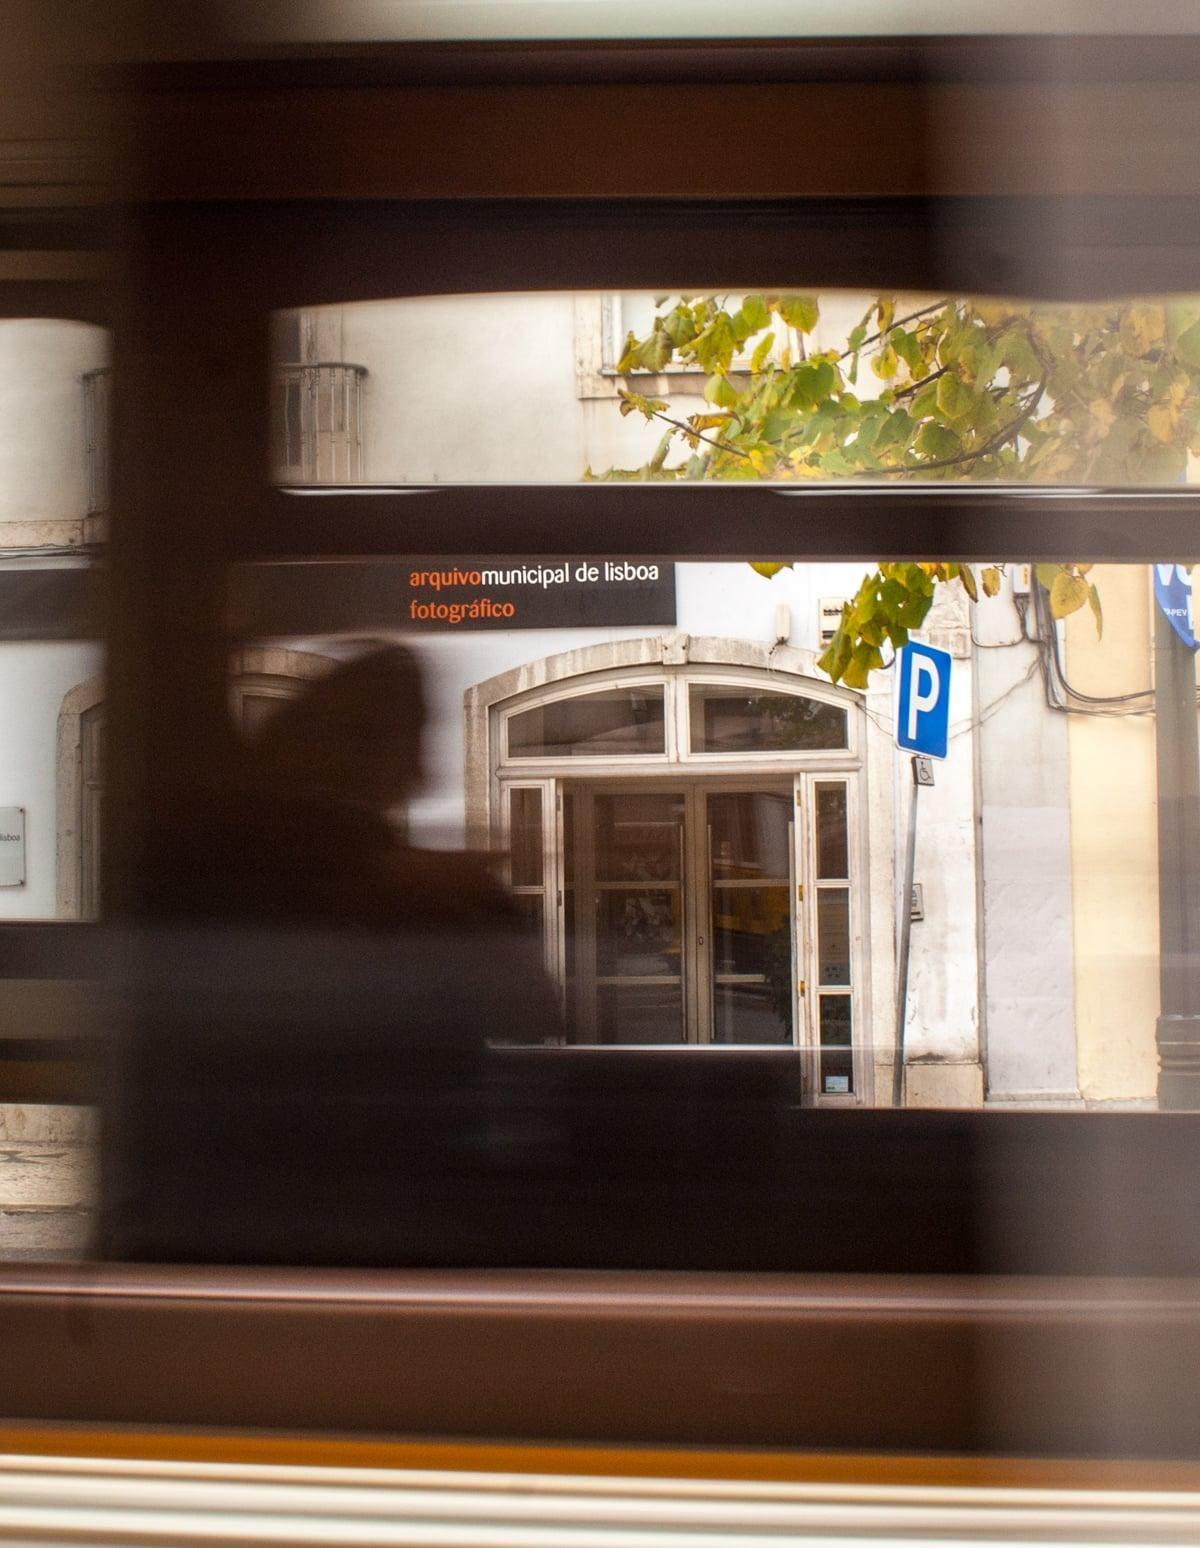 Arquivo Fotográfico de Lisboa